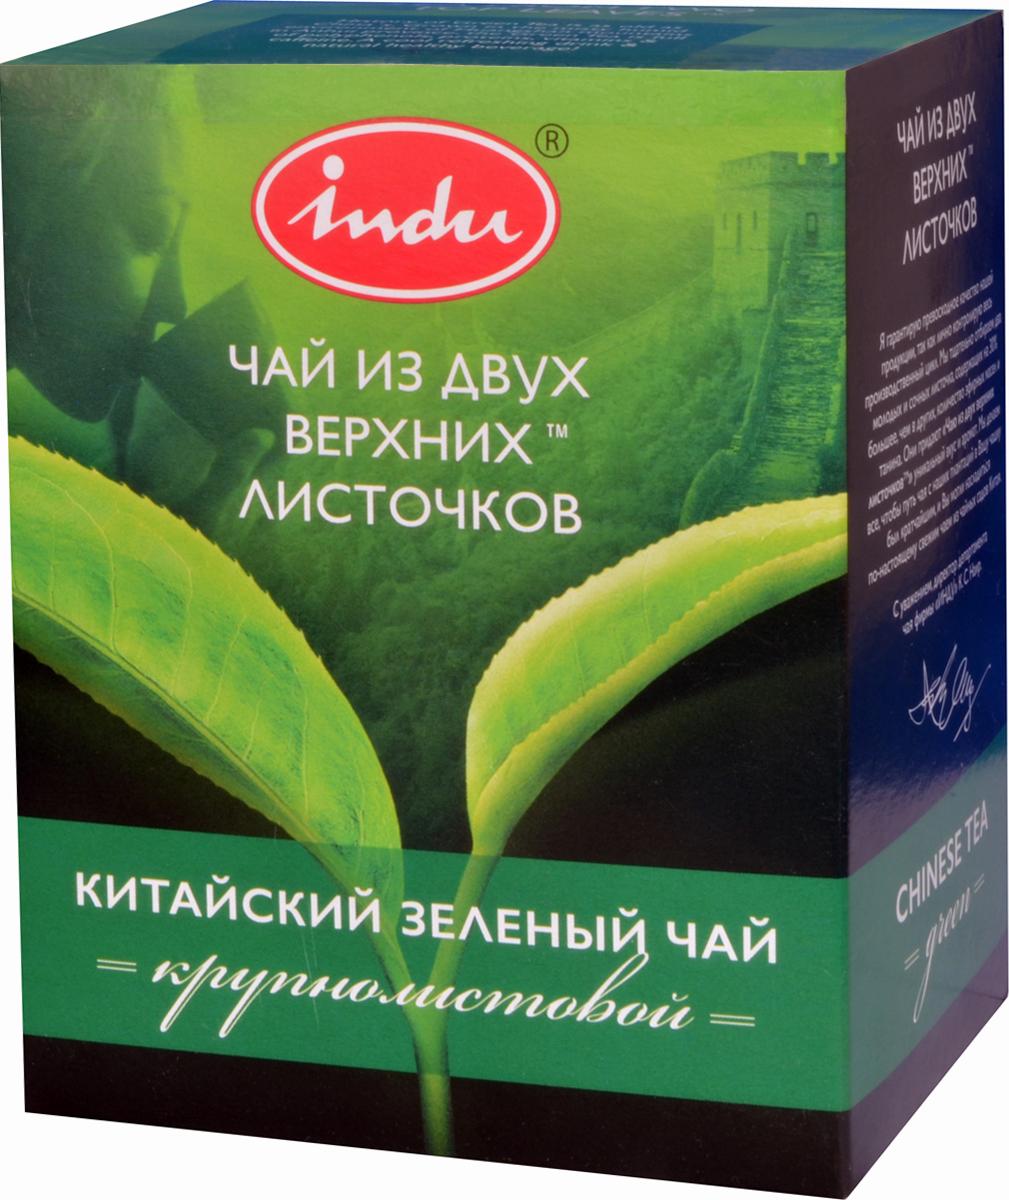 Indu Китайский зеленый листовой чай, 90 гTTL-GCH-198История этого зеленого чая такая же древняя, как и сам Китай. Выращенный во влажном климате гор Хуаньшань, он богат эфирными маслами, витаминами и полезными микроэлементами, а его настой по-настоящему освежает и несет пользу.